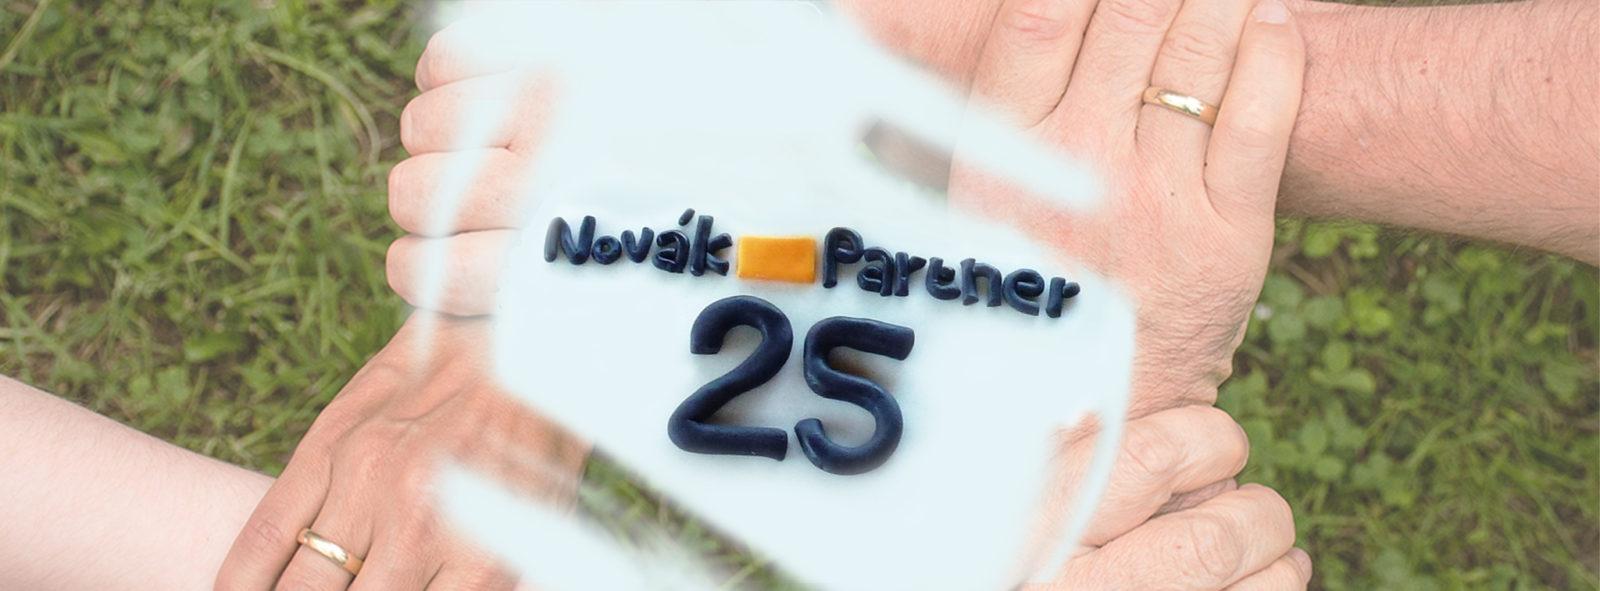 www.novak-partner.cz